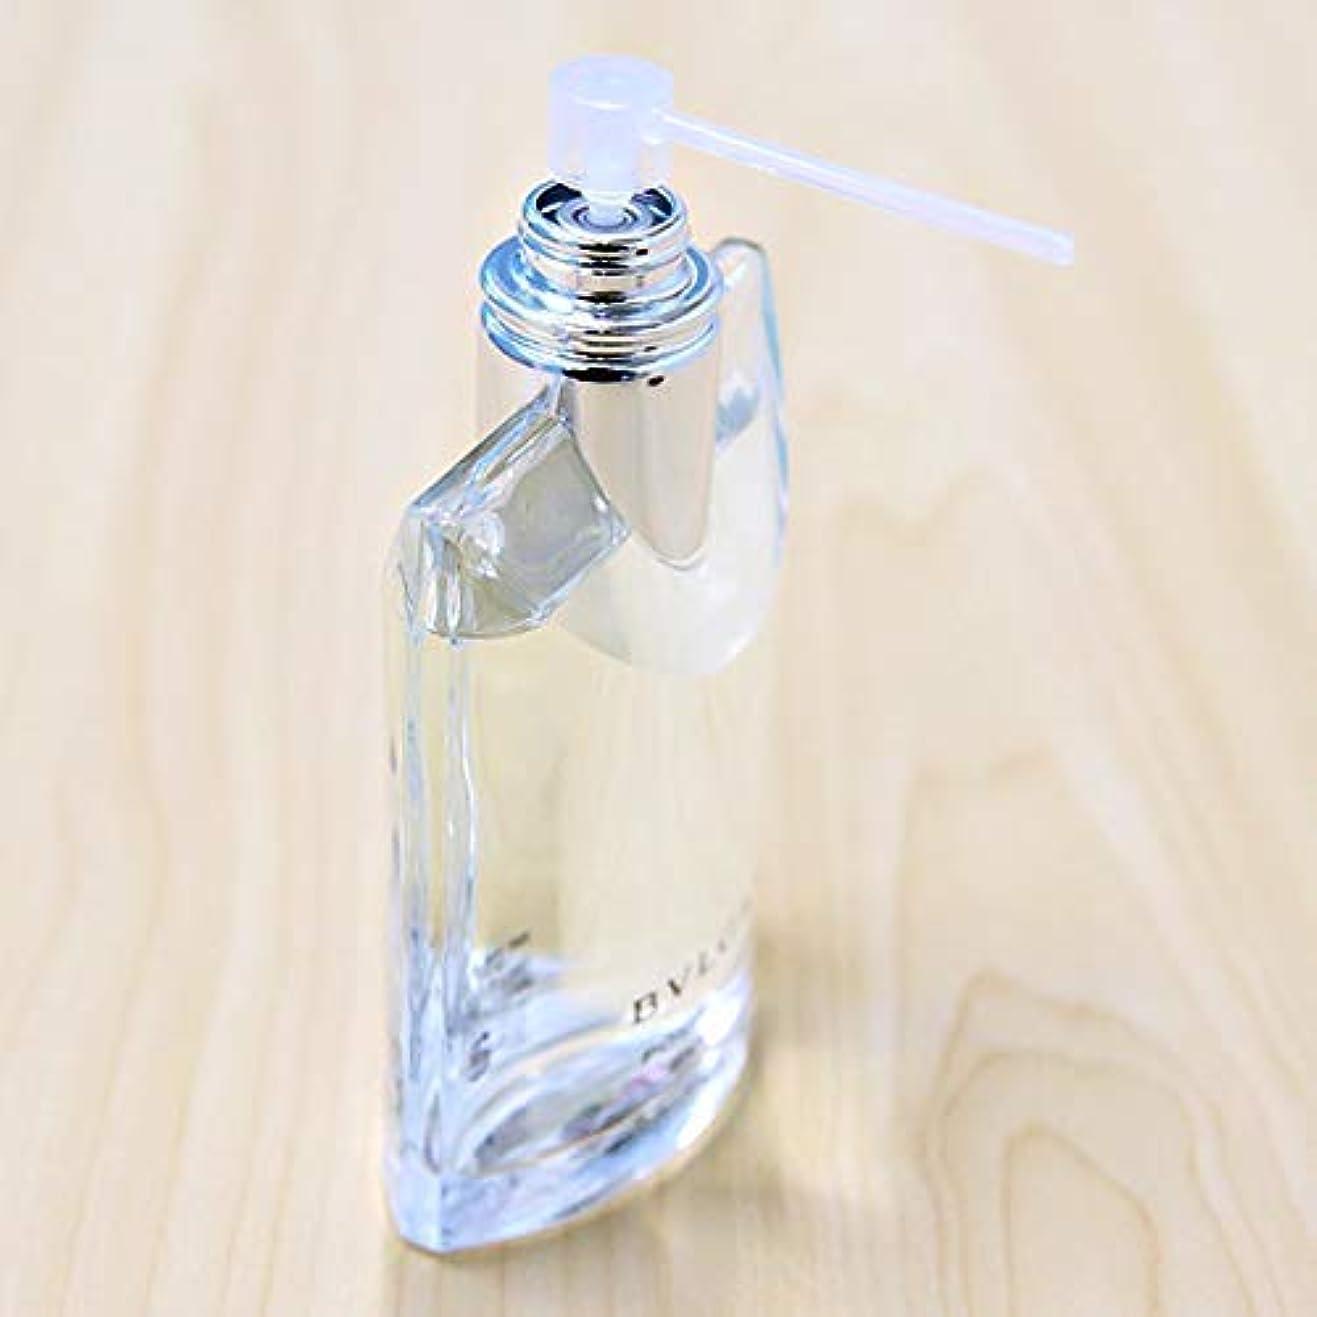 新鮮なさておきむちゃくちゃ【単品】 香水 詰め替え ノズル アトマイザー 簡単 詰め替え プッシュ ポンプ ストロー スプレーボトル